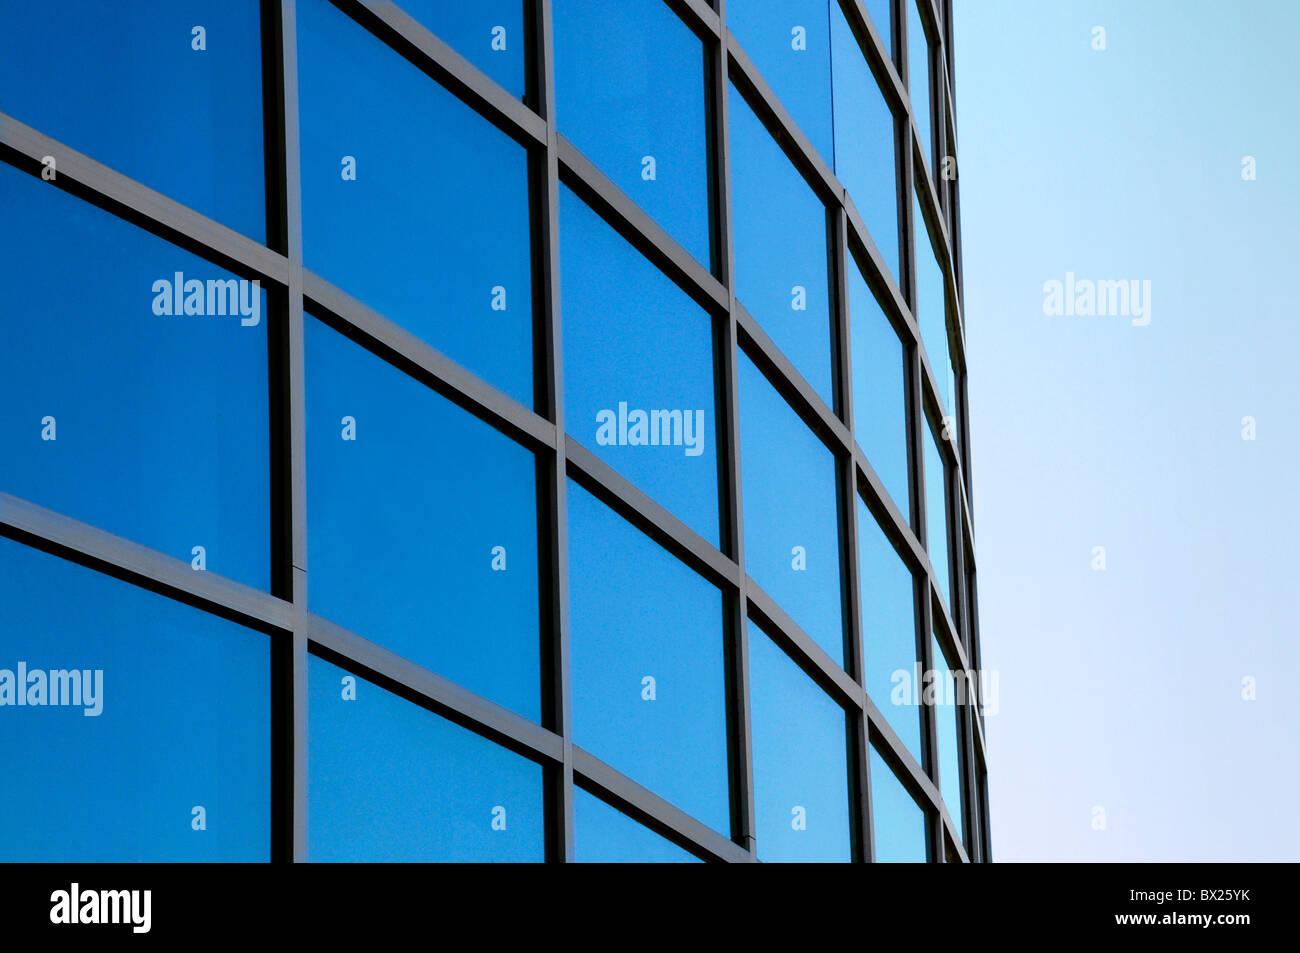 Ventanas exteriores curvos de una oficina comercial edificio que refleja un cielo azul Imagen De Stock